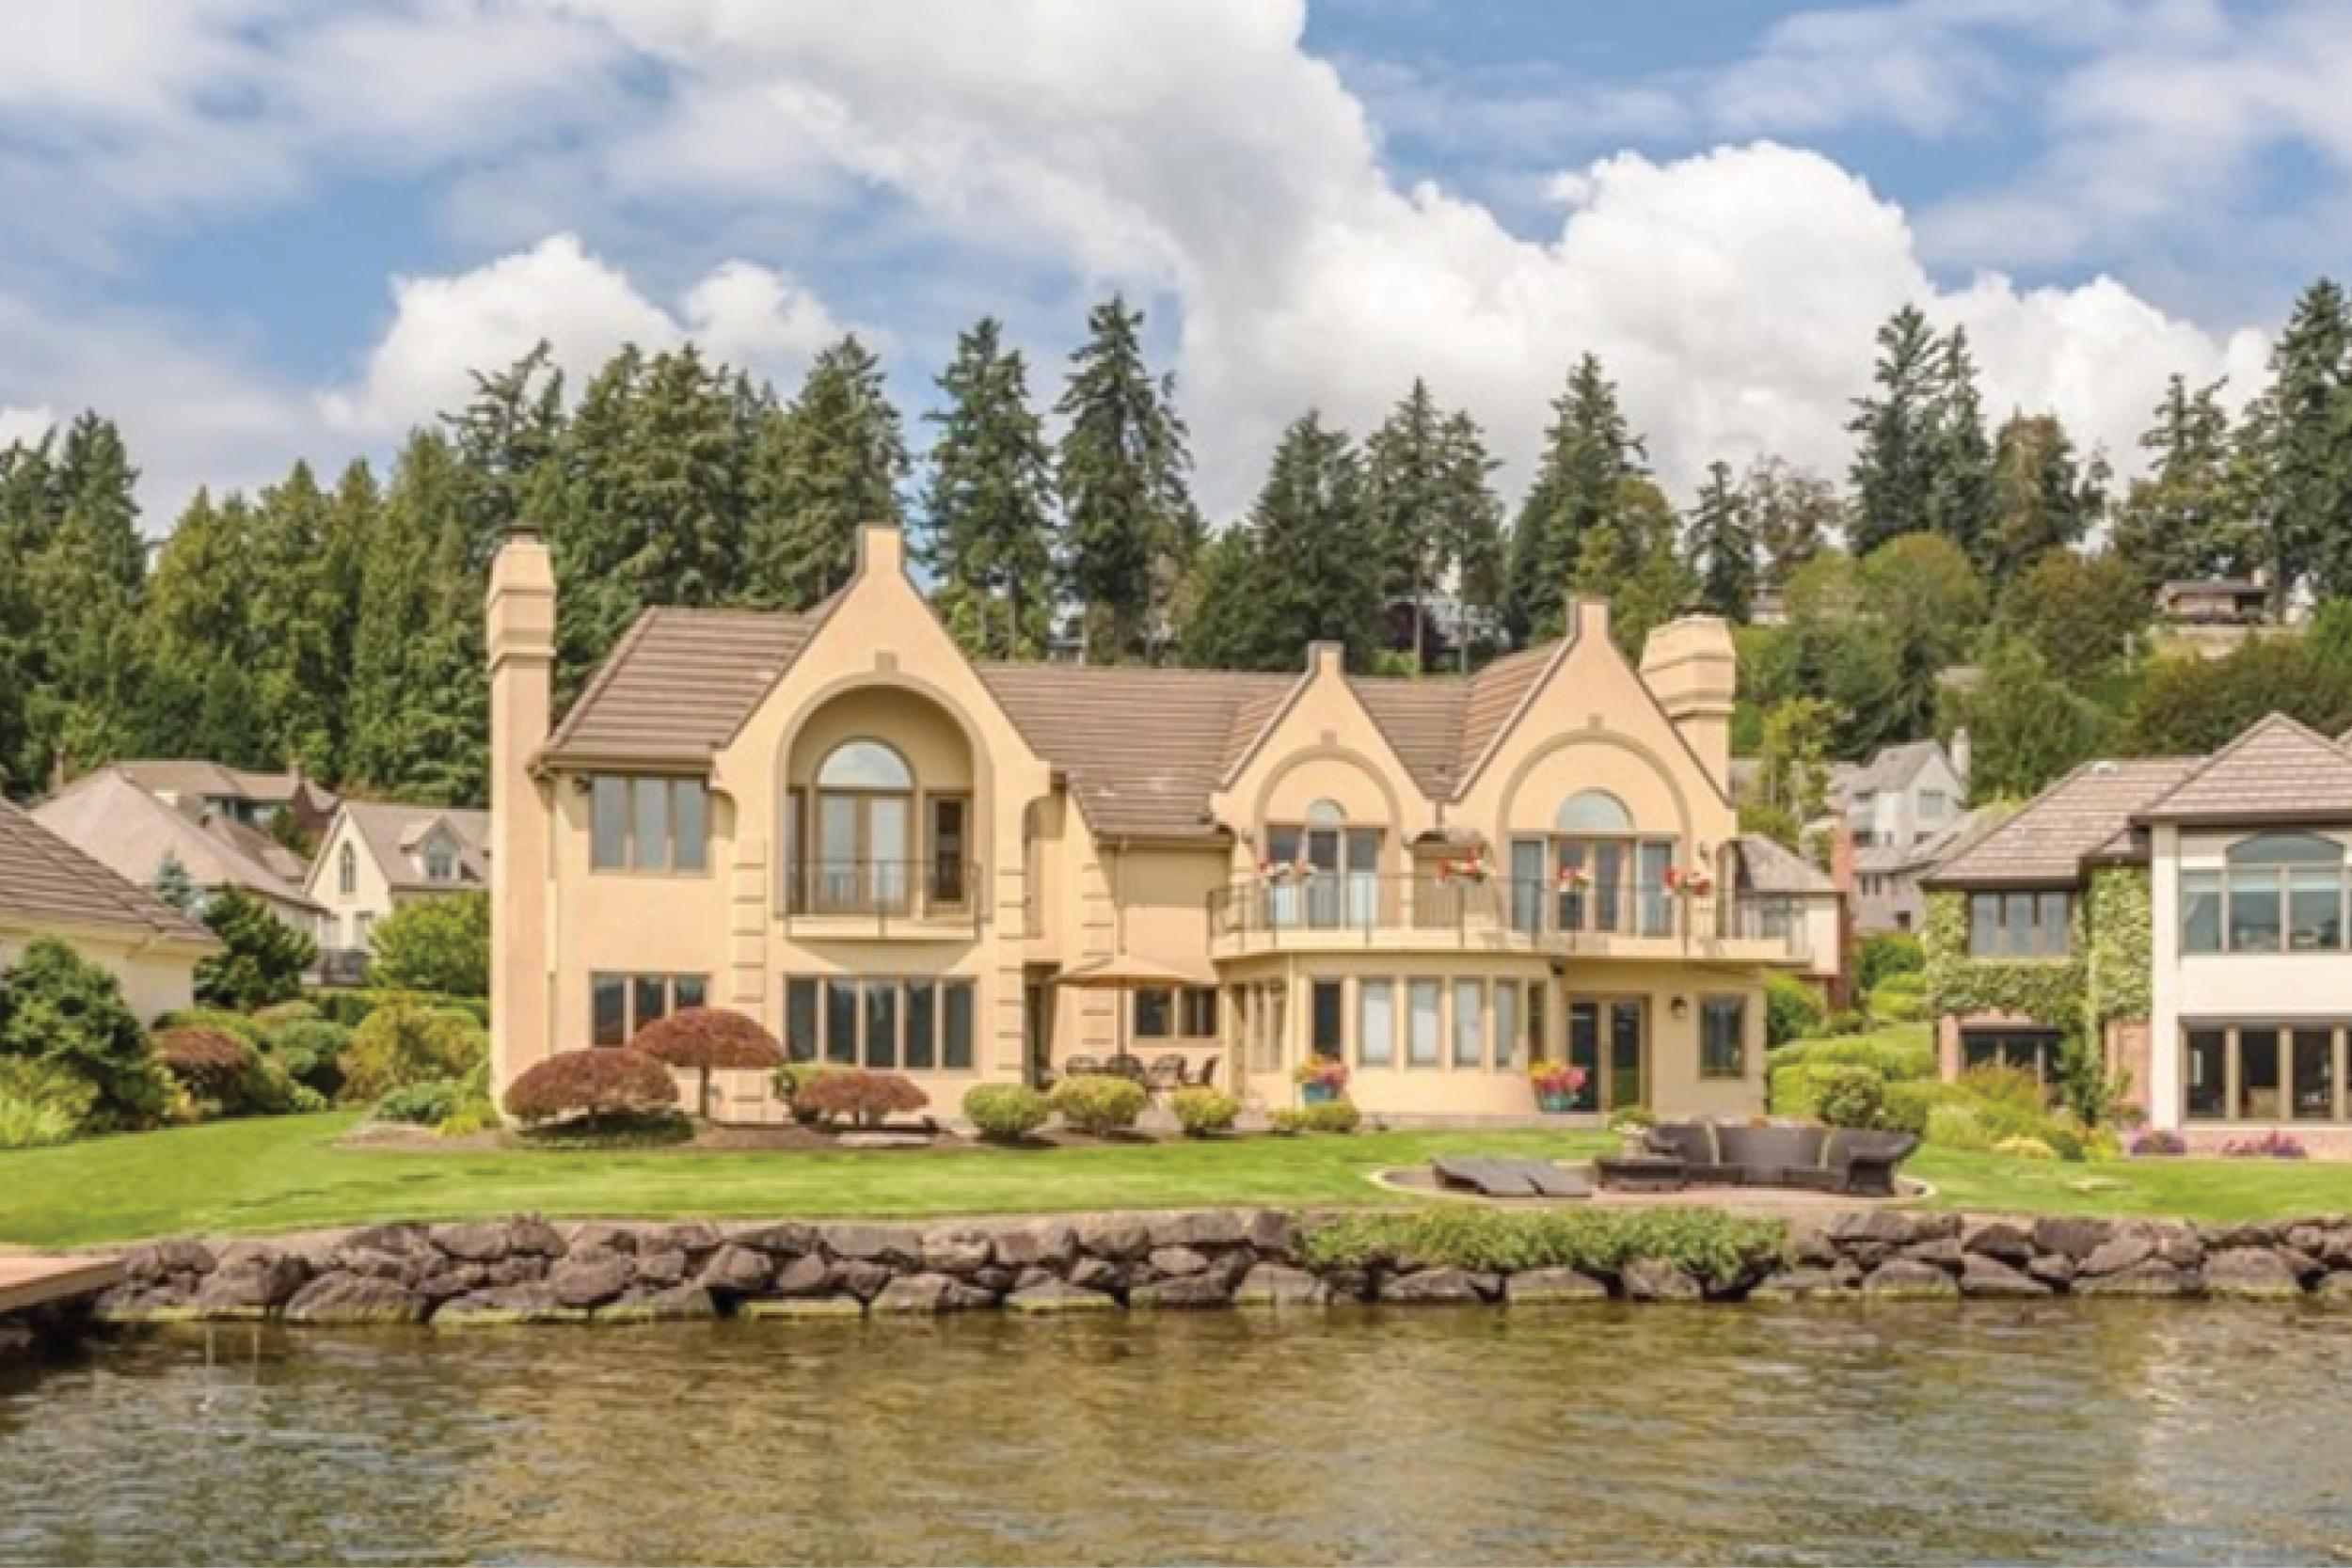 Kirkland   Sold for $3,375,000 January 2017